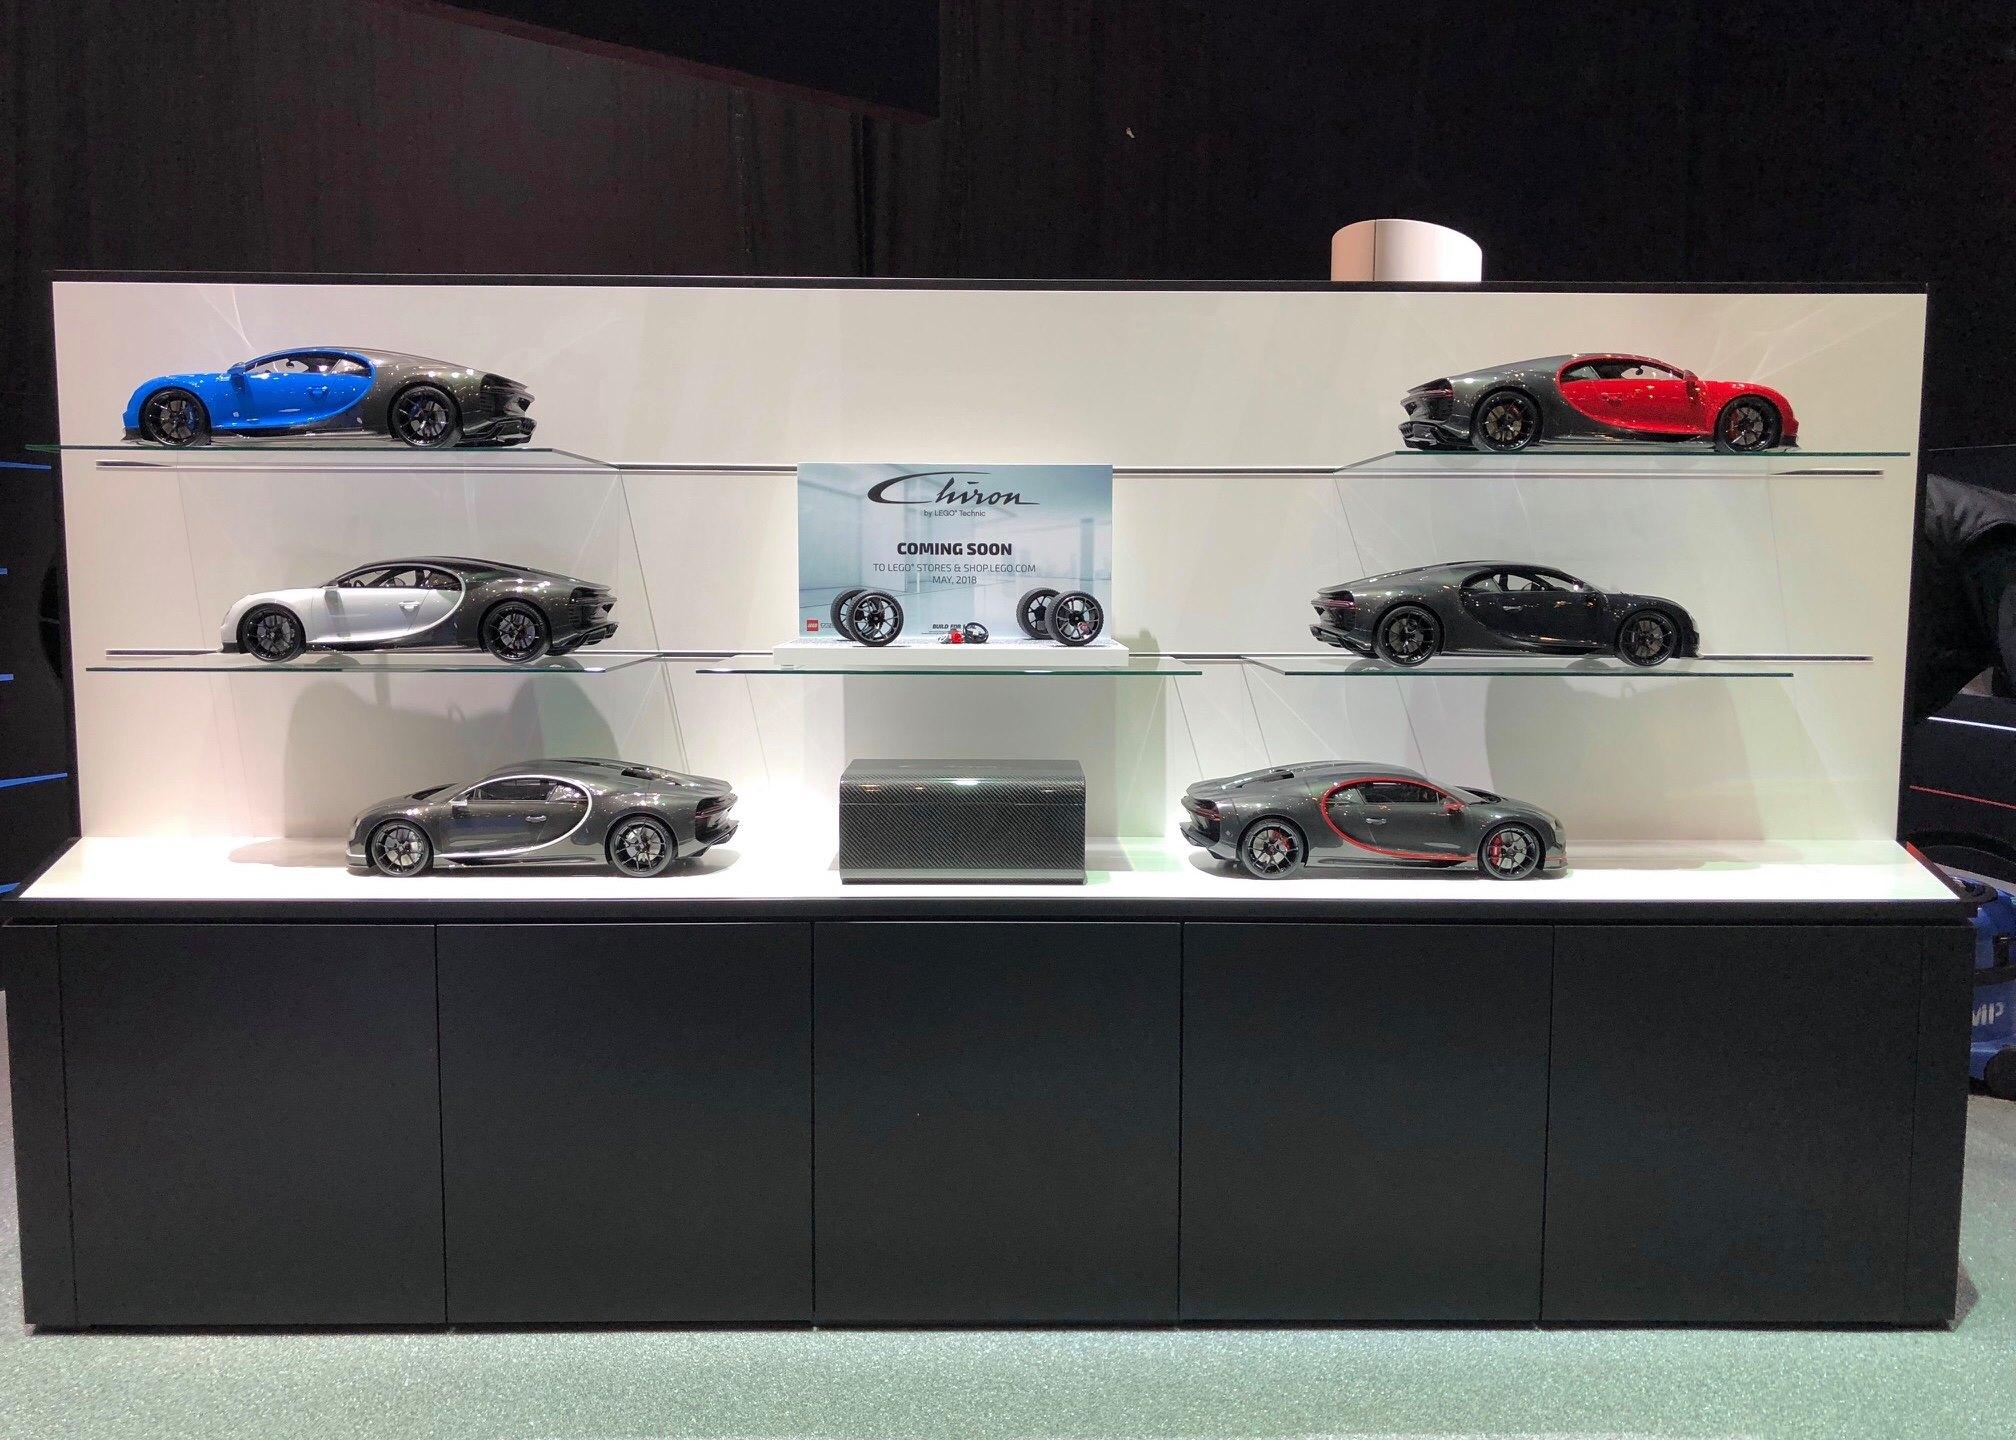 lego technic bugatti chiron 42083 sensation beim auto salon genf 2018 zusammengebaut. Black Bedroom Furniture Sets. Home Design Ideas